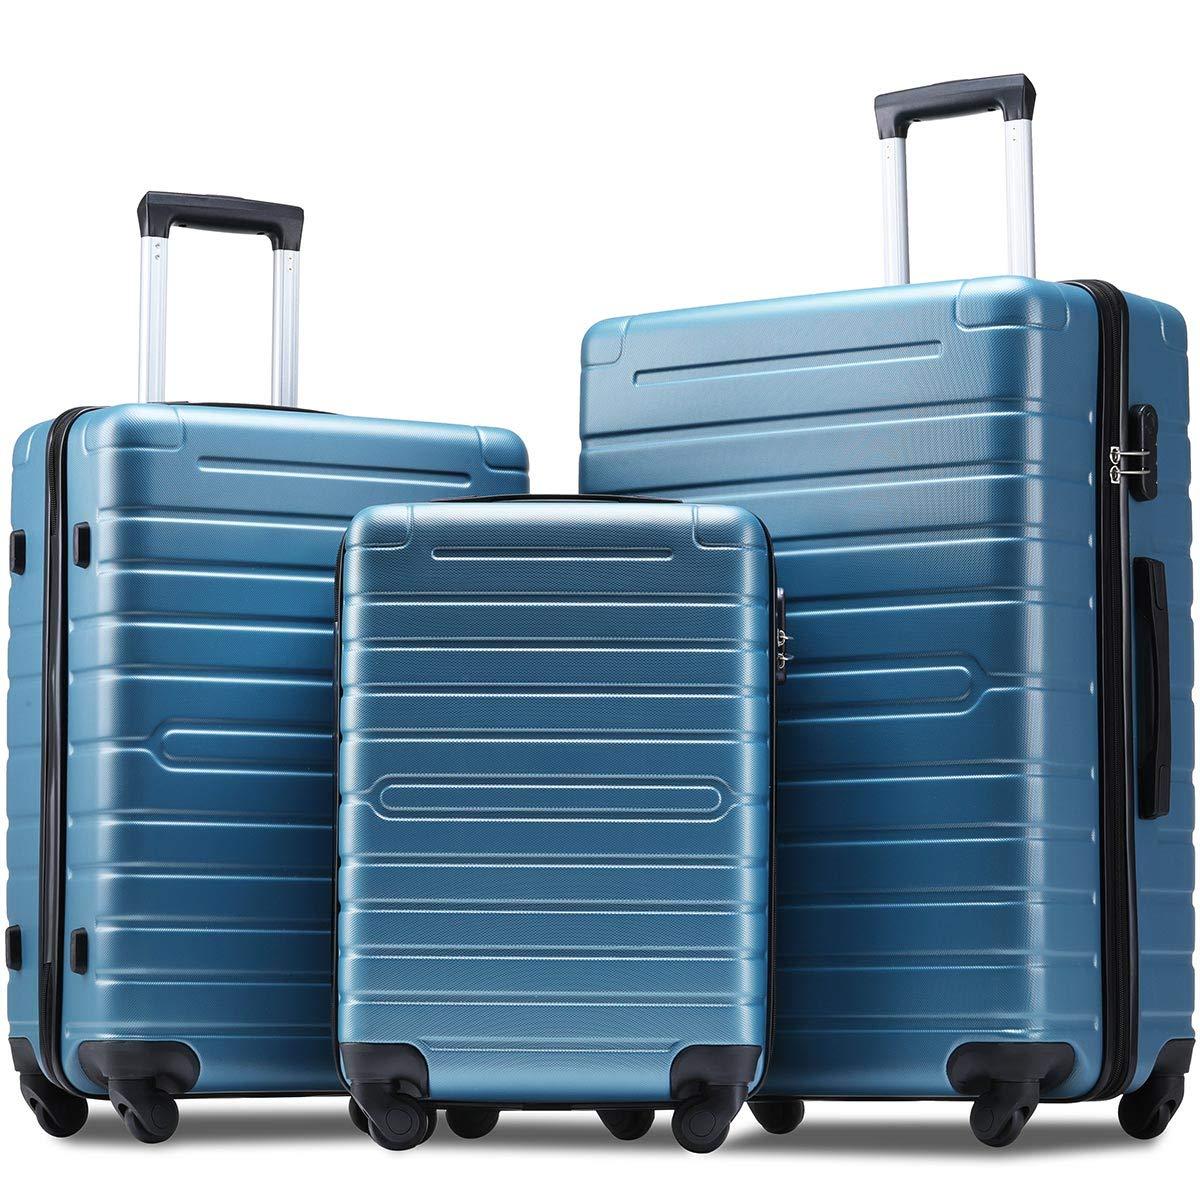 Flieks Luggage Sets 3 Piece Spinner Suitcase Lightweight 20 24 28 inch (Steel Blue)